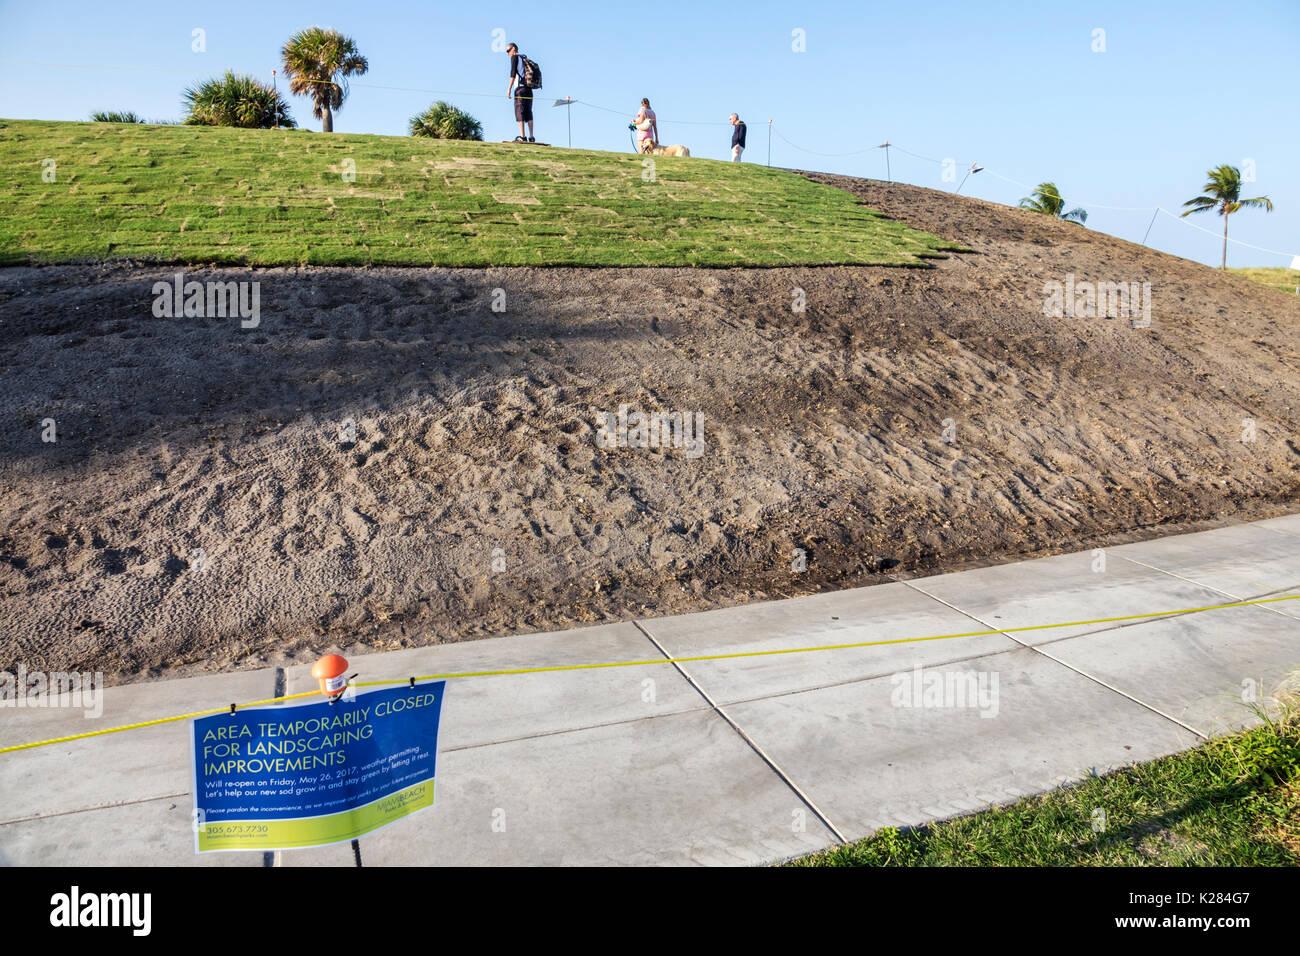 Miami Beach Florida South Pointe Park parc urbain aménagement paysager gazon pelouse améliorations signe zone fermée grass Photo Stock